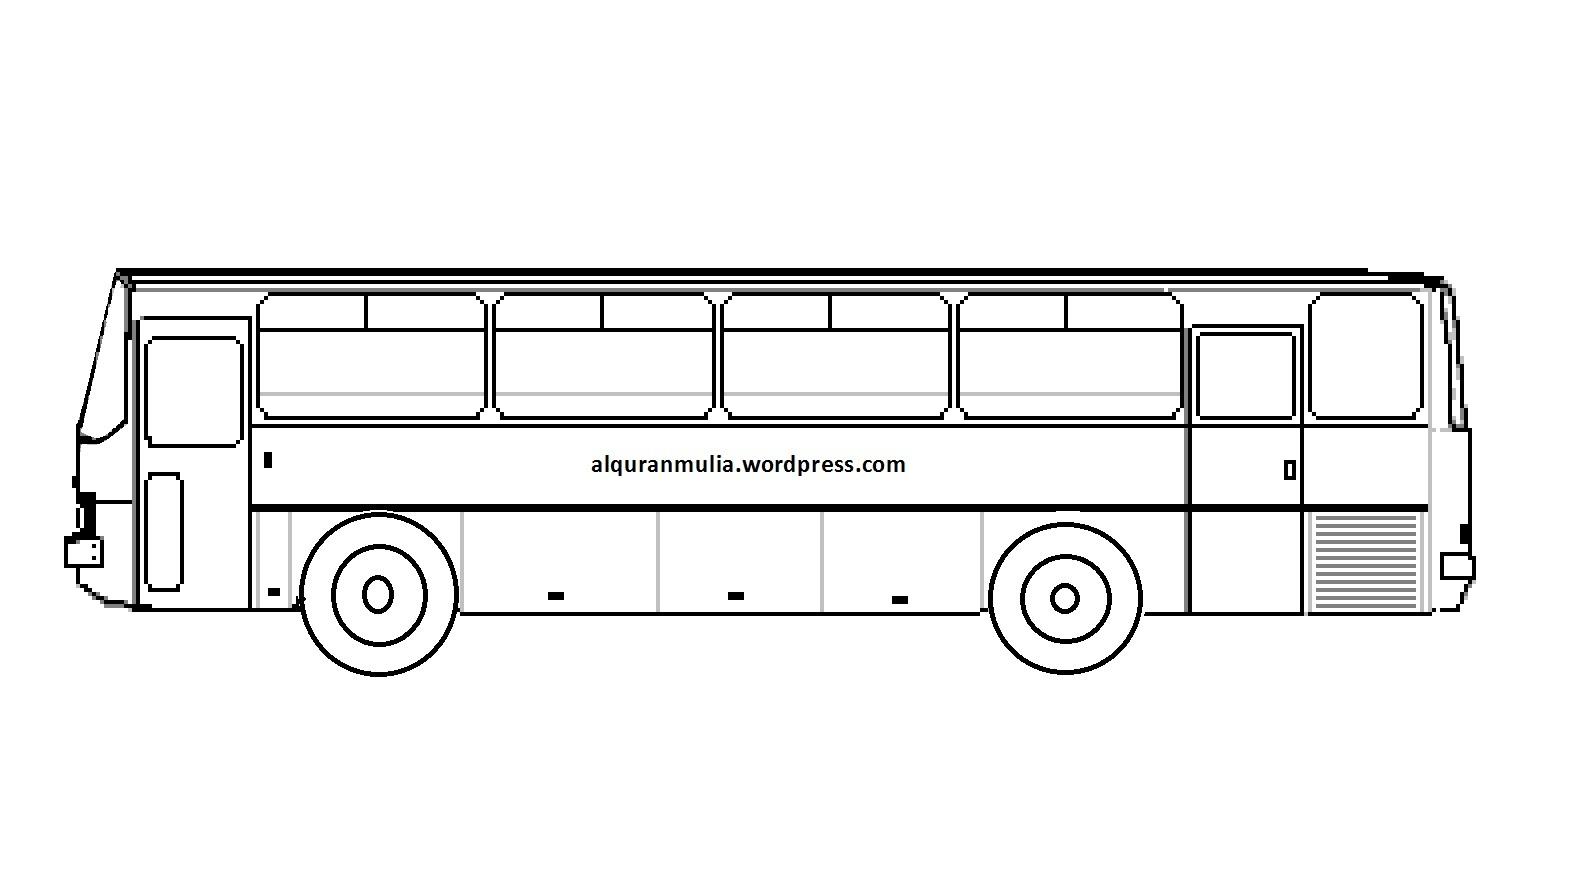 Mewarnai Gambar Bus 6 Anak Muslim Alquranmulia